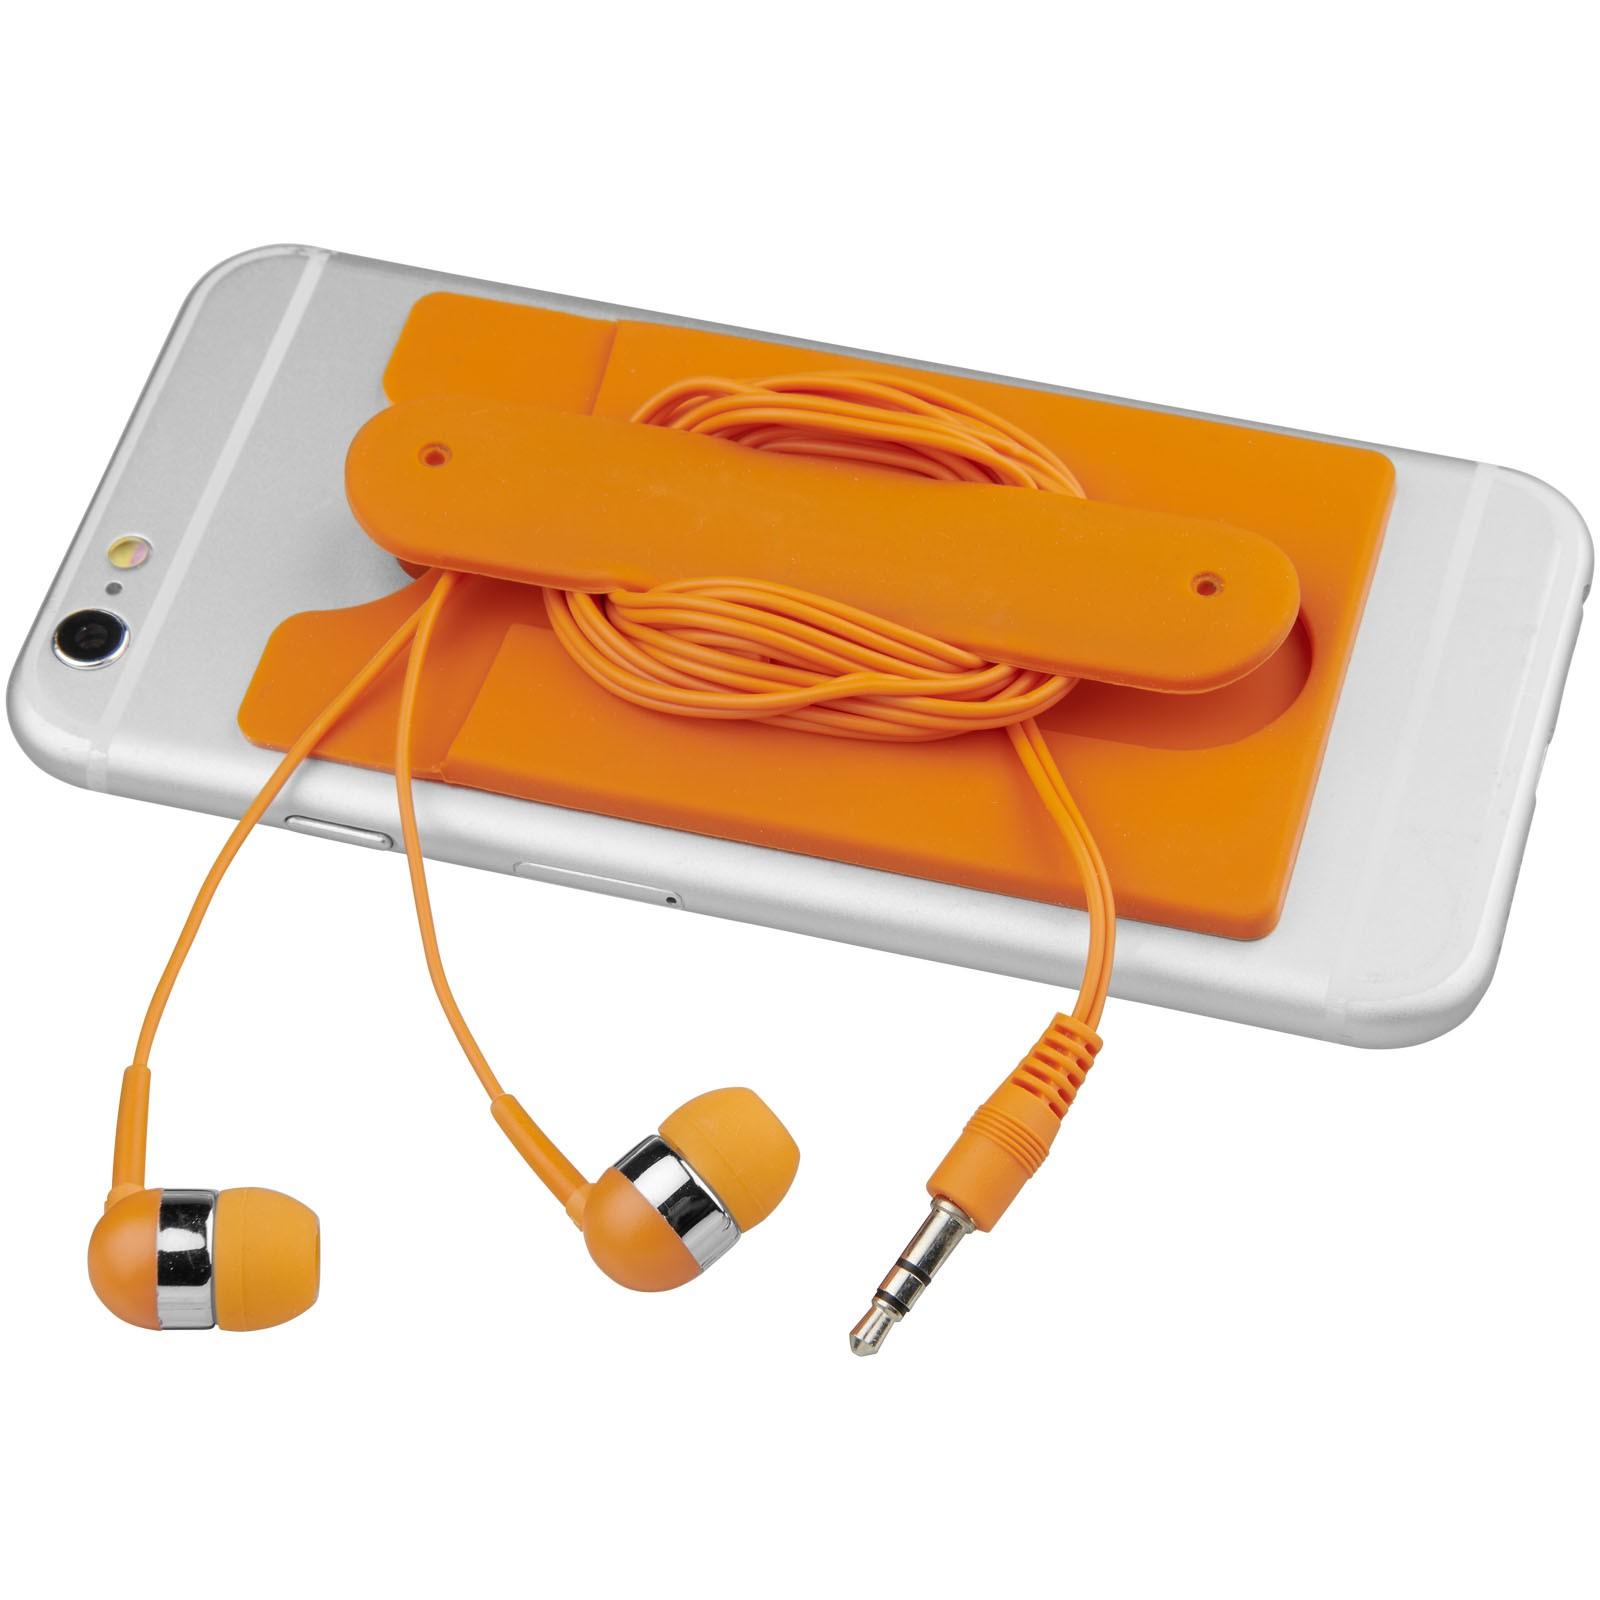 Sluchátka s kabelem a silikonové pouzdro na telefon - 0ranžová